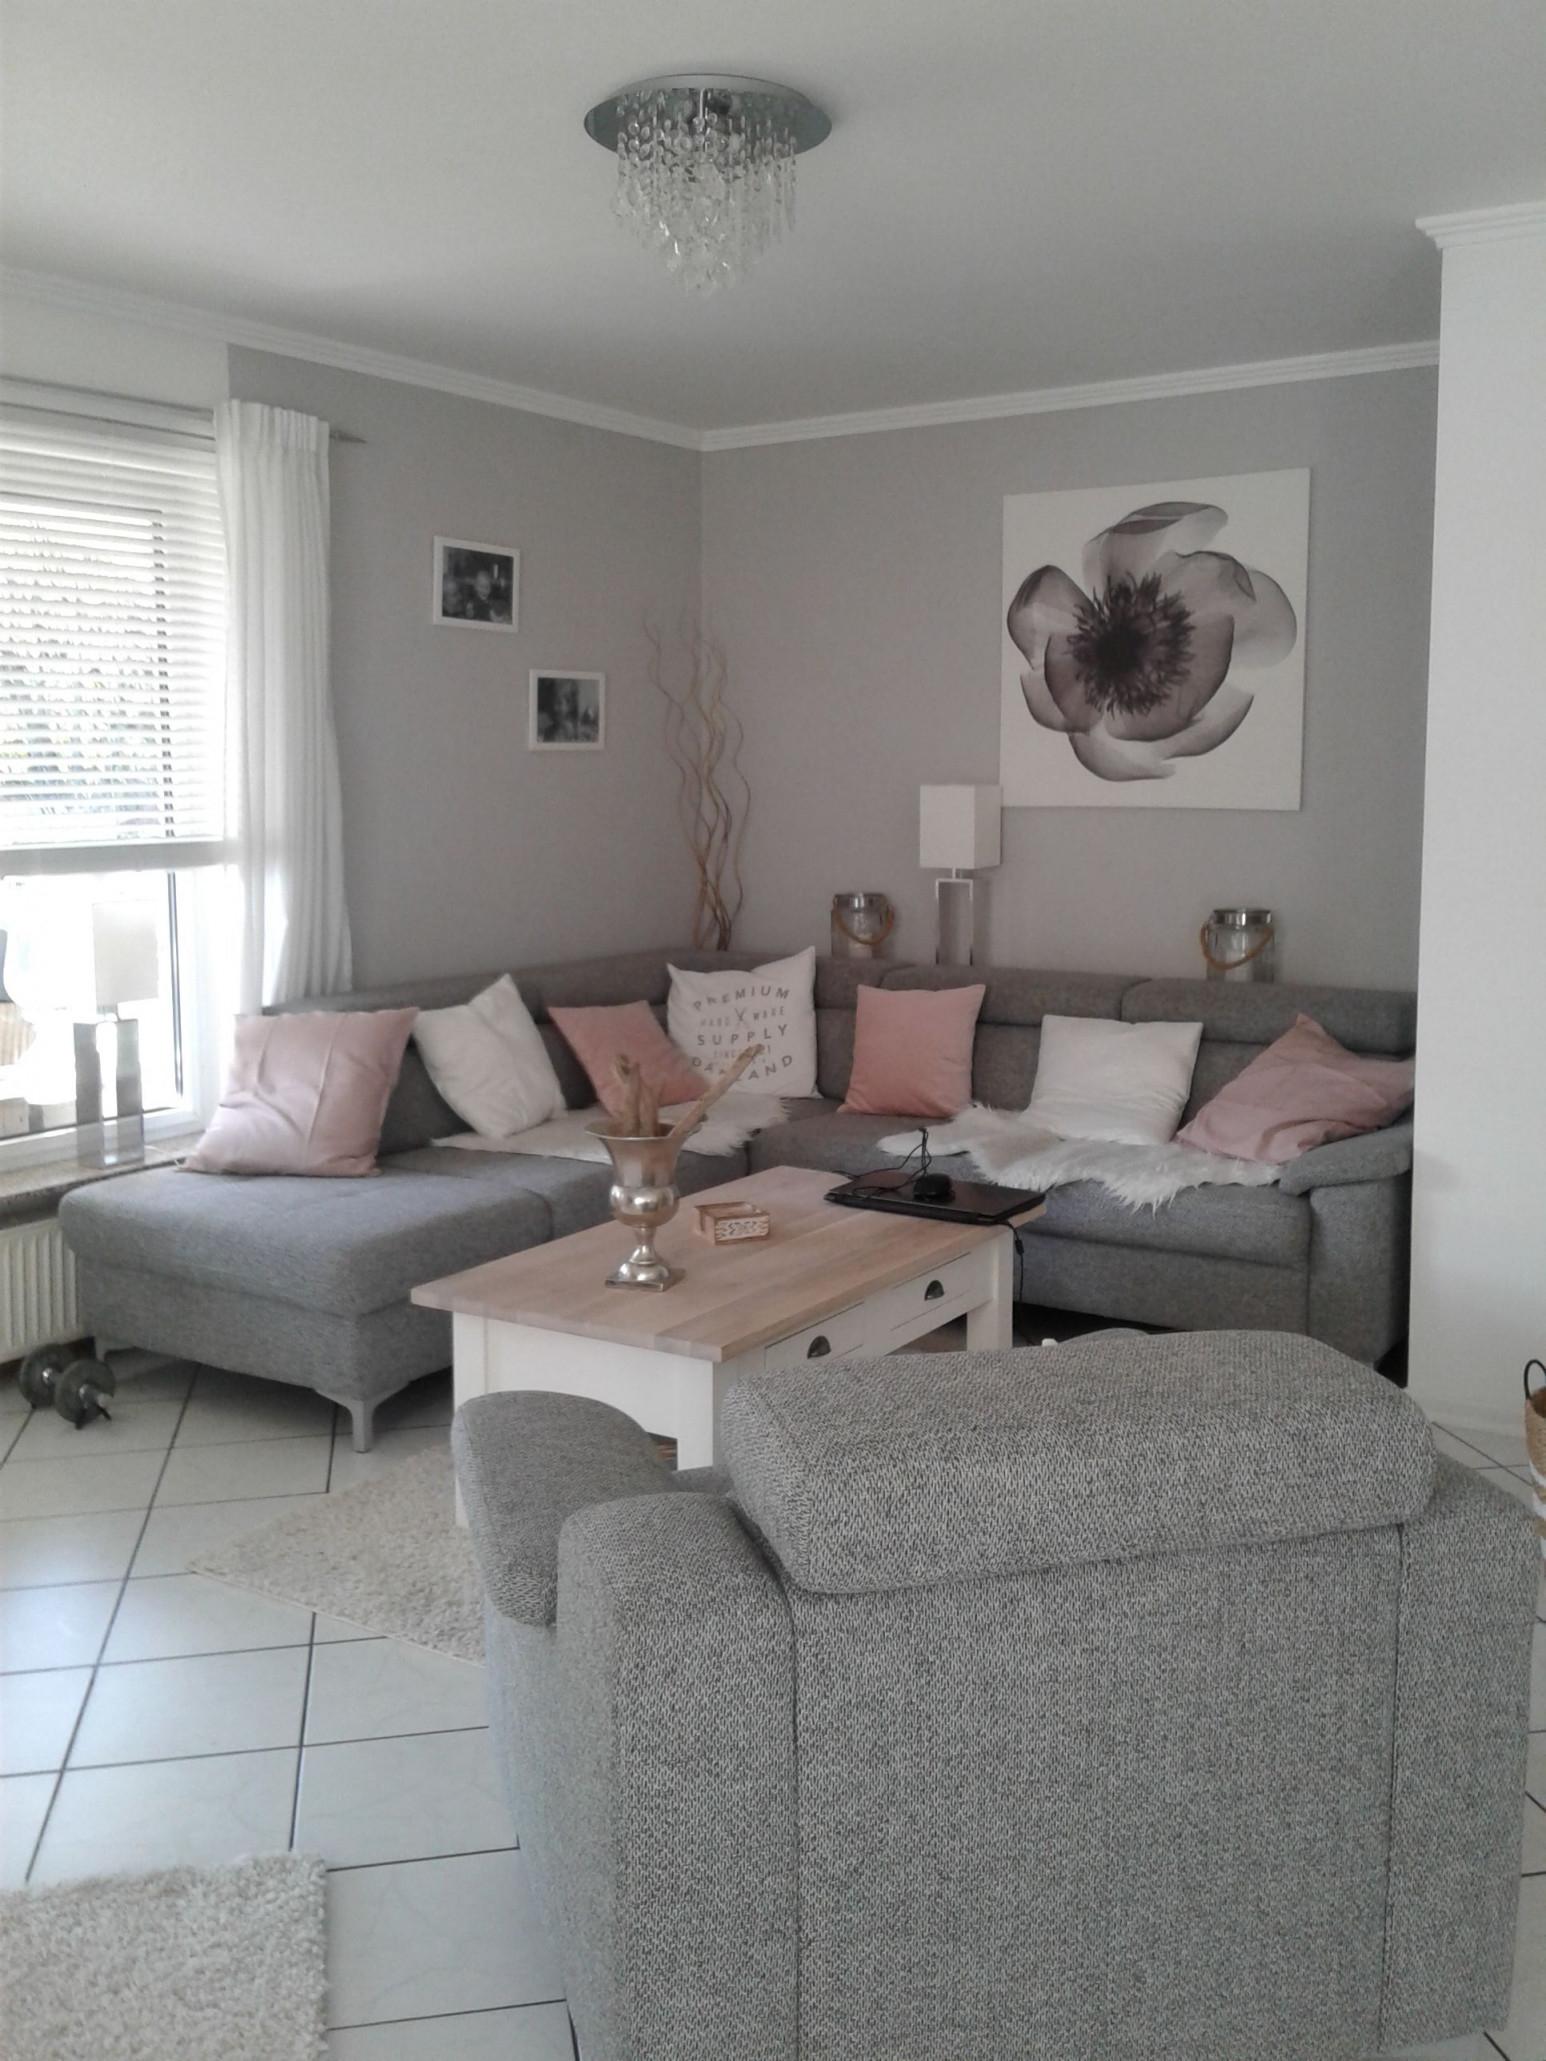 Wohnzimmer In Grau Weiß Und Farbtupfer In Matt Rosa von Wohnzimmer Grau Gestalten Bild